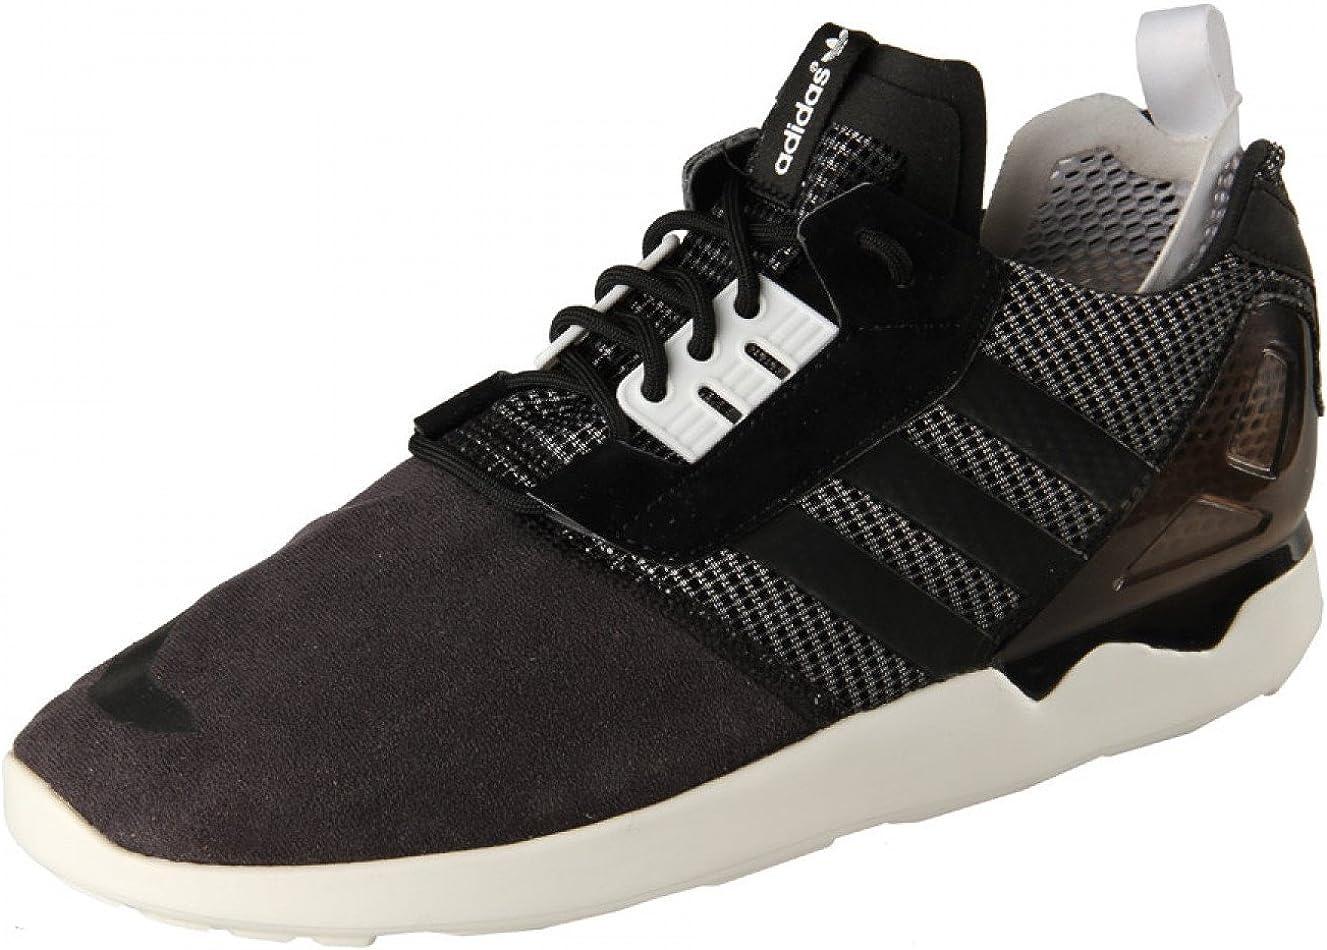 Amazon Com Adidas Zx 8000 Boost Shoes Black Sz 7 5 Shoes